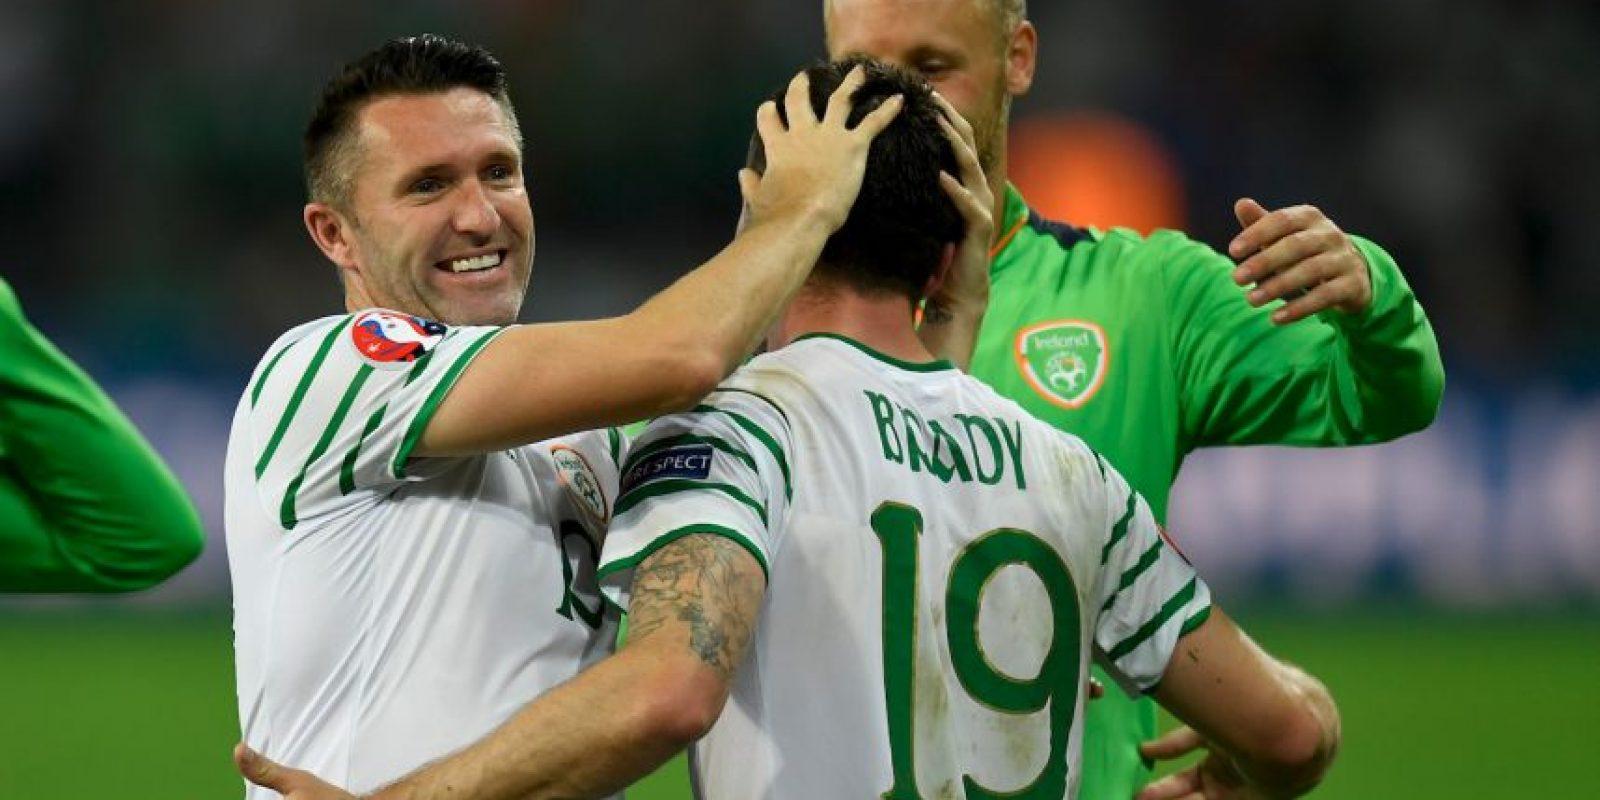 Irlanda ya viene de sorprender a Italia y ahora espera hacer lo mismo ante Francia Foto:Getty Images